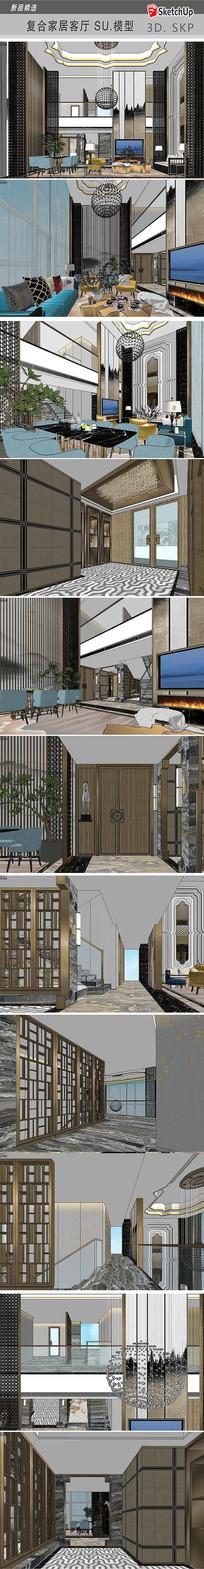 复式别墅室内装饰设计